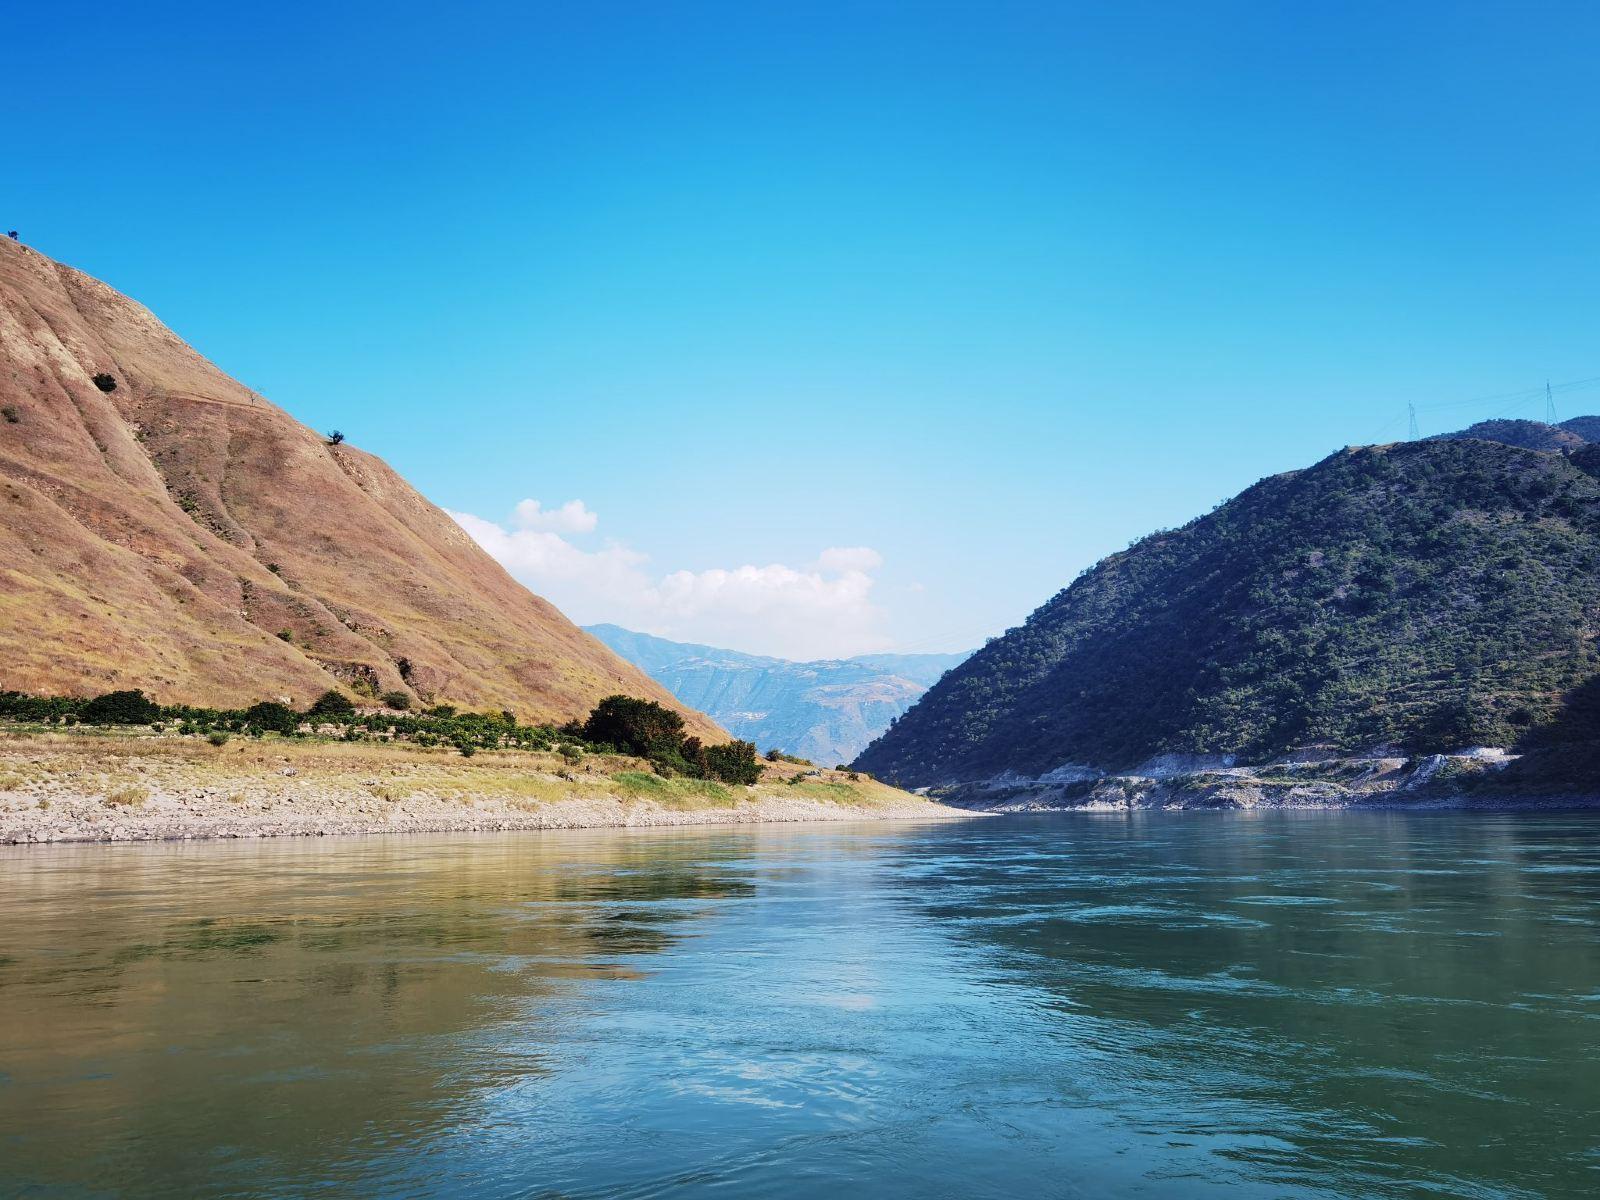 云南旅游先去大理还是丽江-先到昆明再到大理,再到丽江